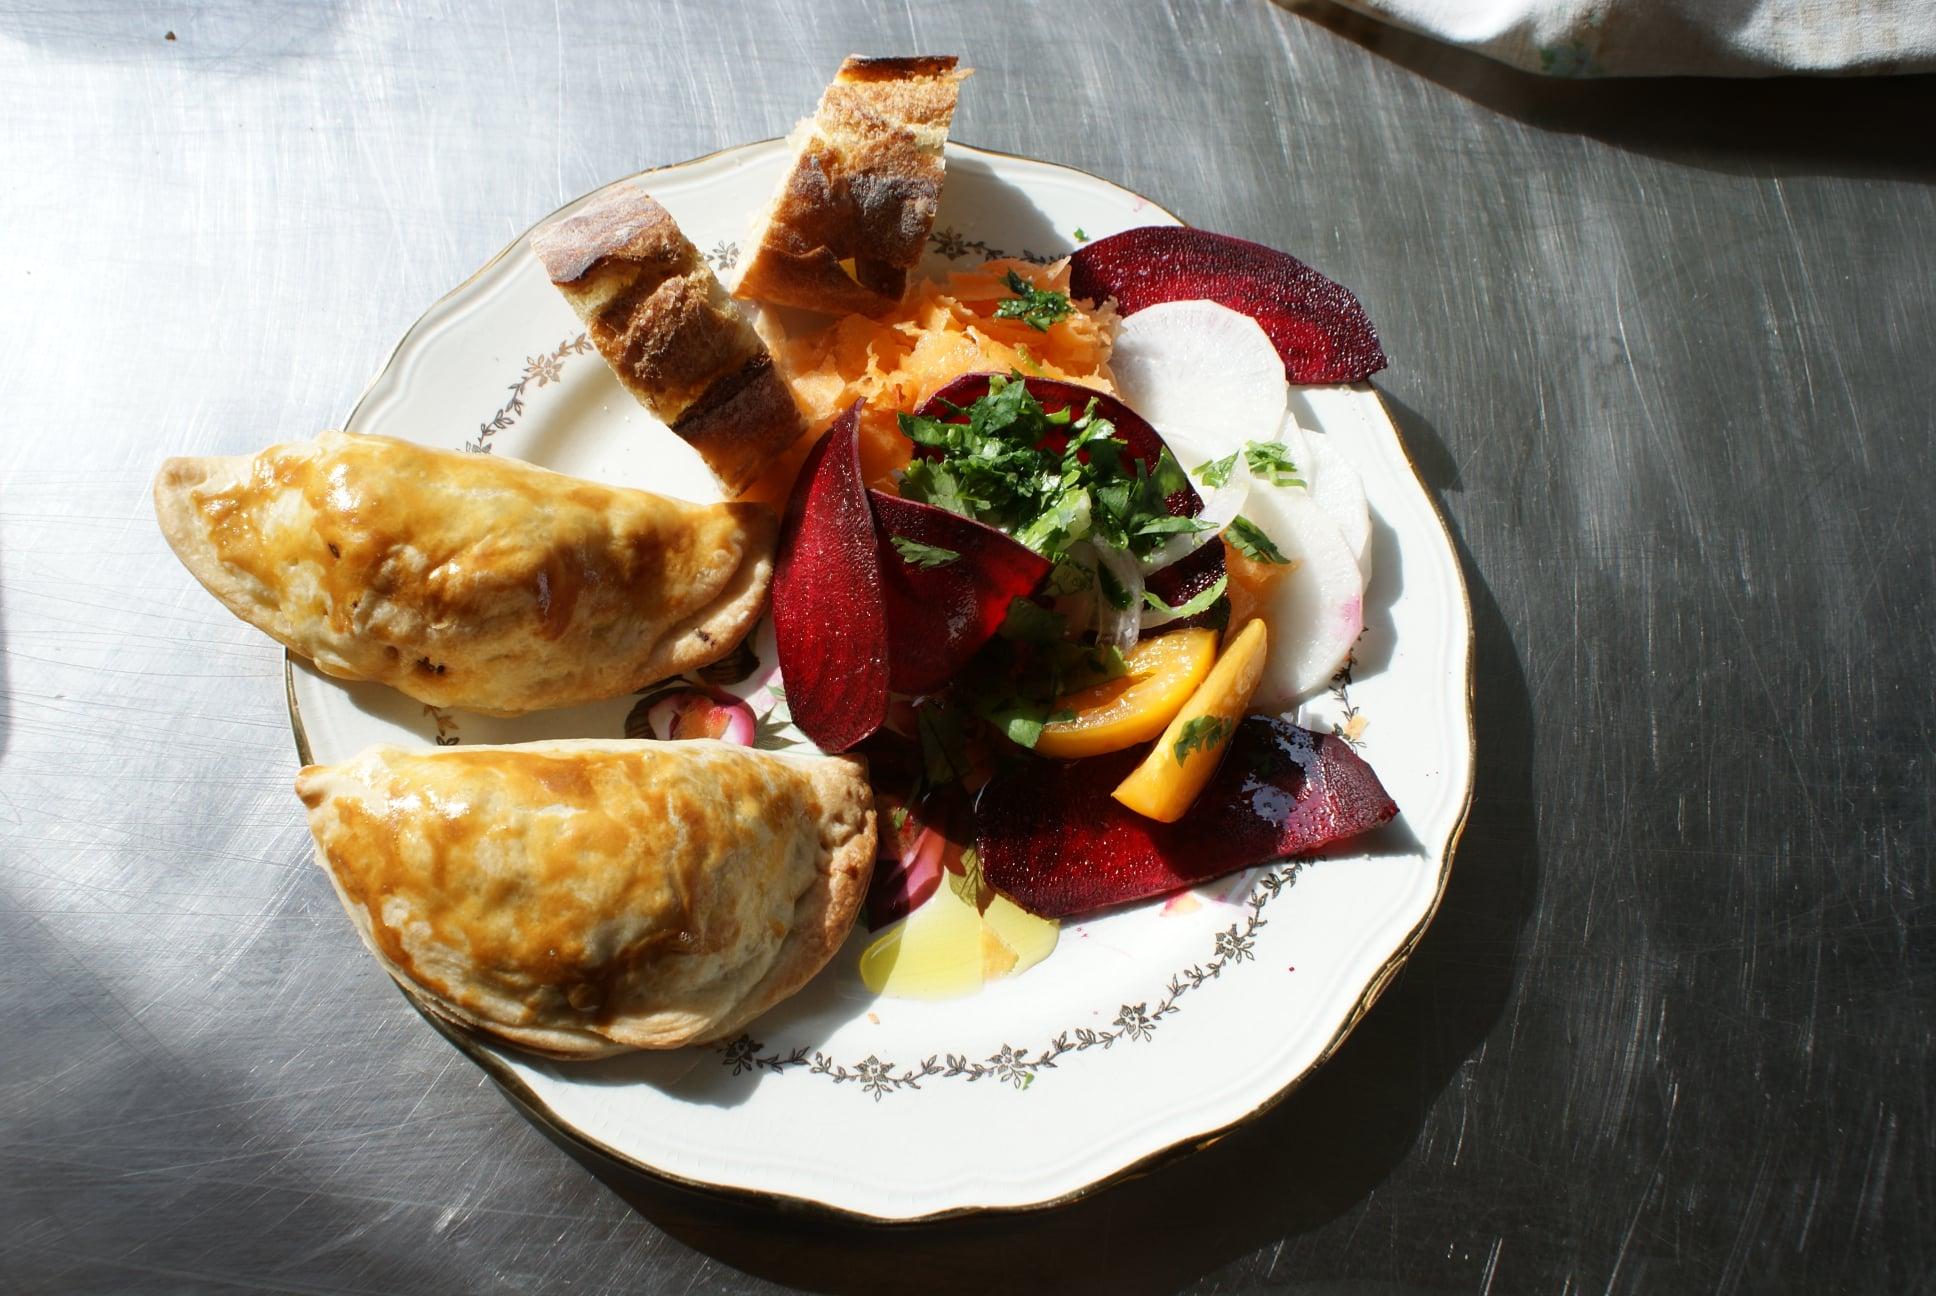 a Soucoupe propose de la vente à emporter le midi, des Empanadas accompagnées de crudités, ça vous dit ? ( chaussons fourrés à la viande ou végétariens )